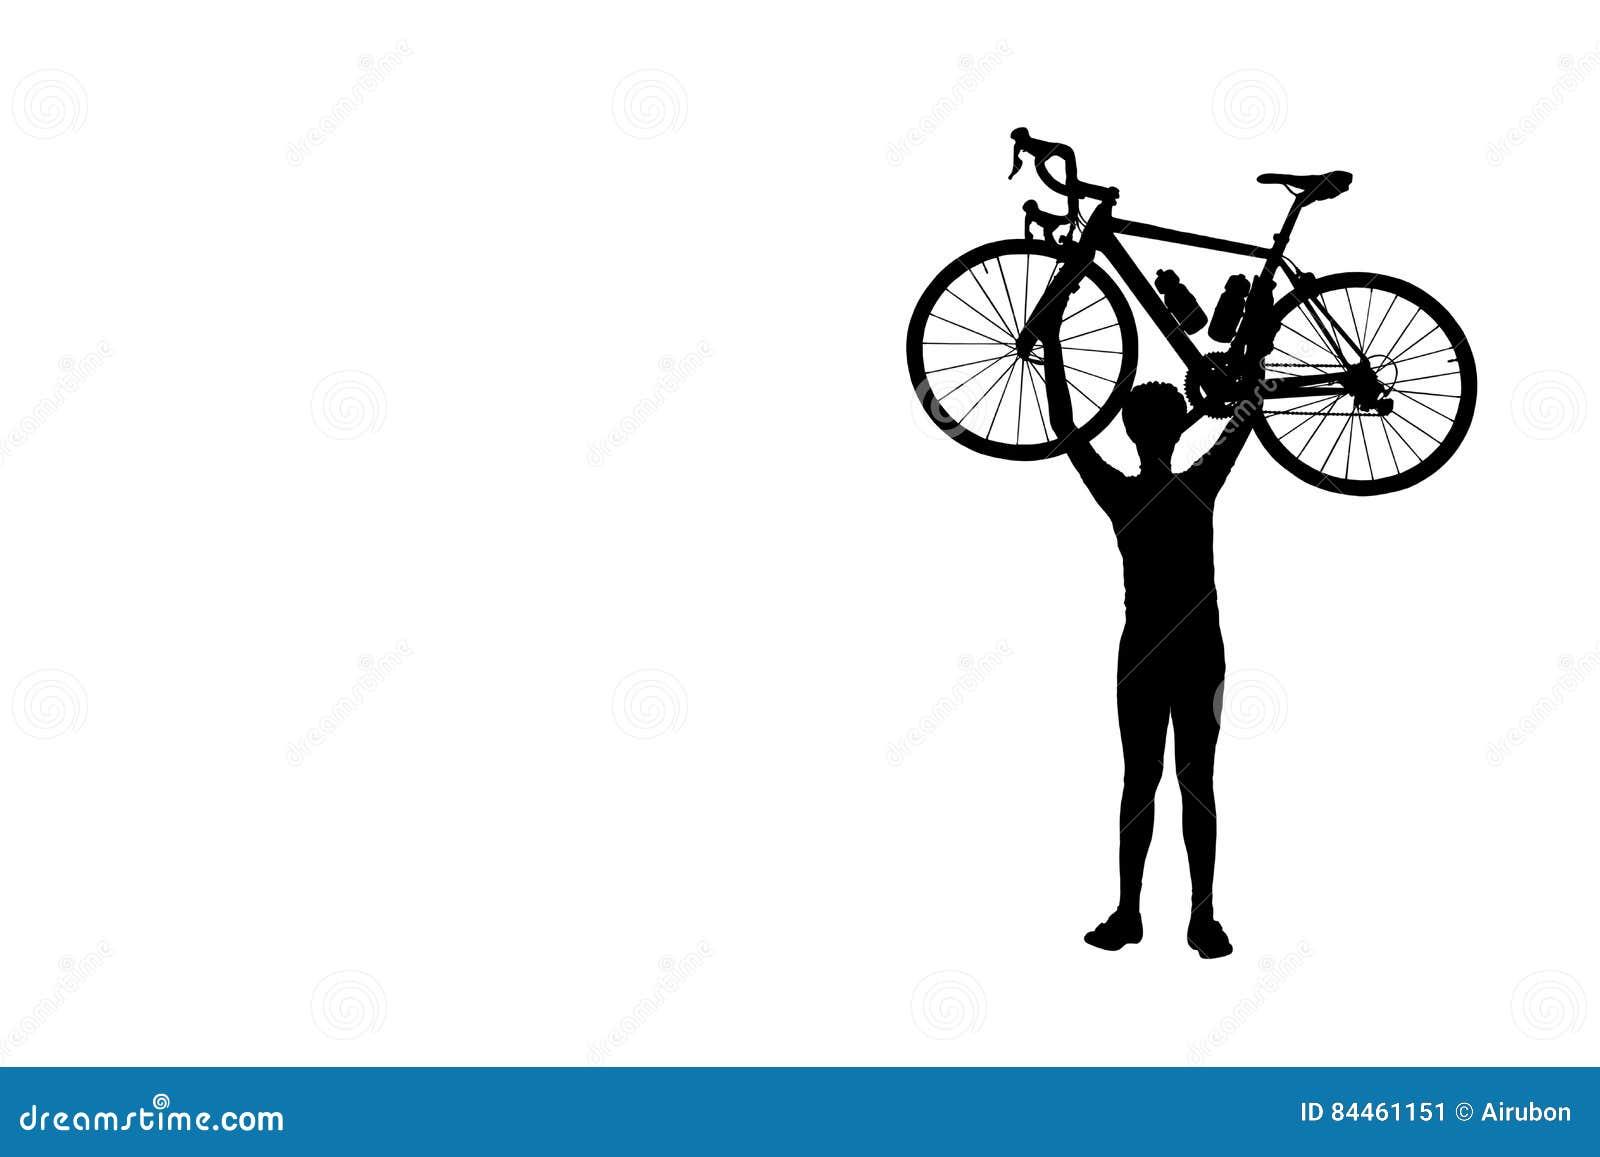 Silhouette велосипед человека поднимаясь над его головным изолятом на белой предпосылке